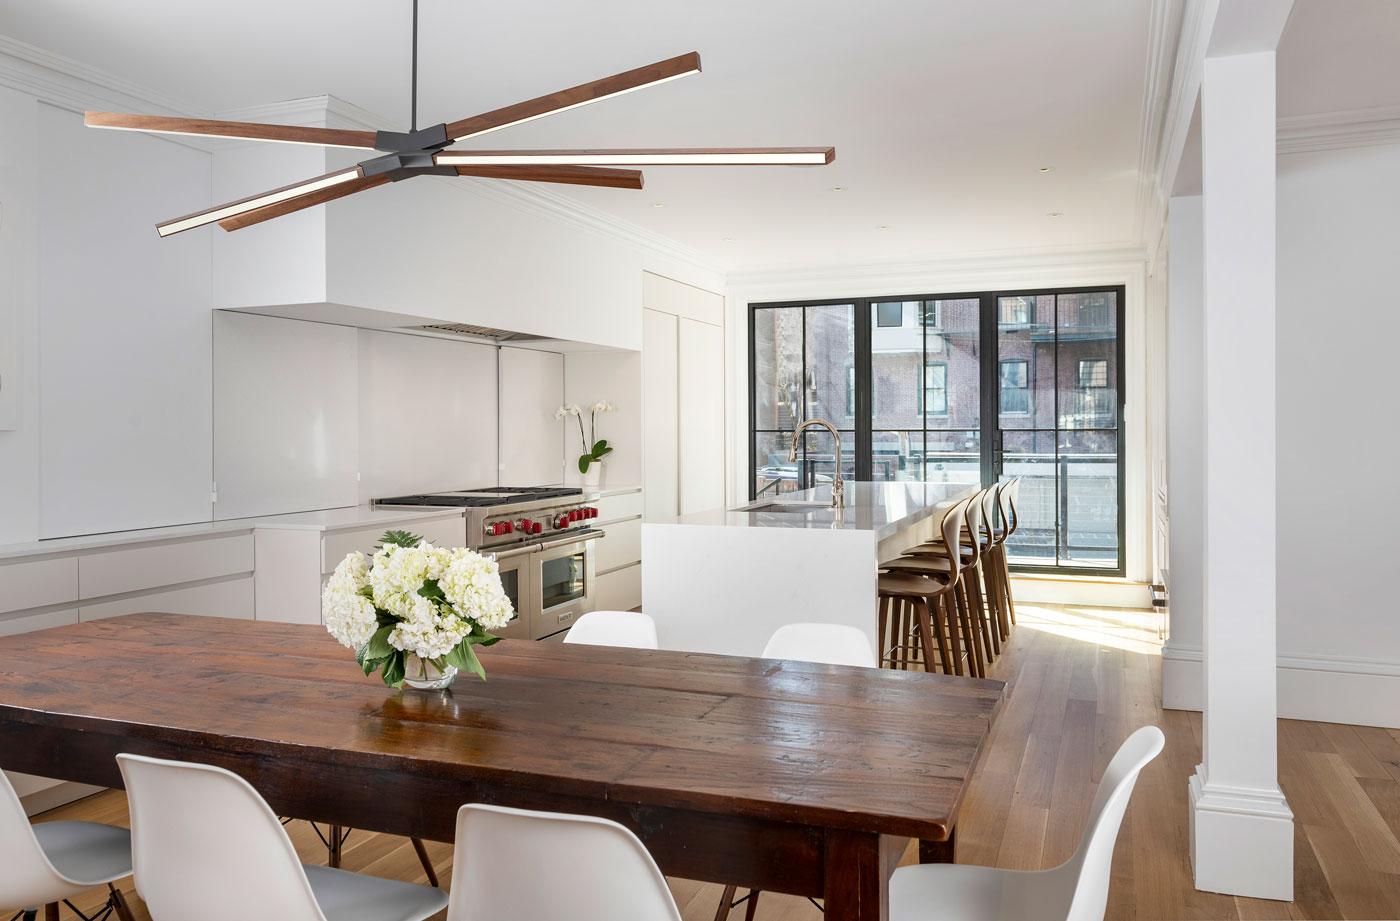 sleek and minimal kitchen